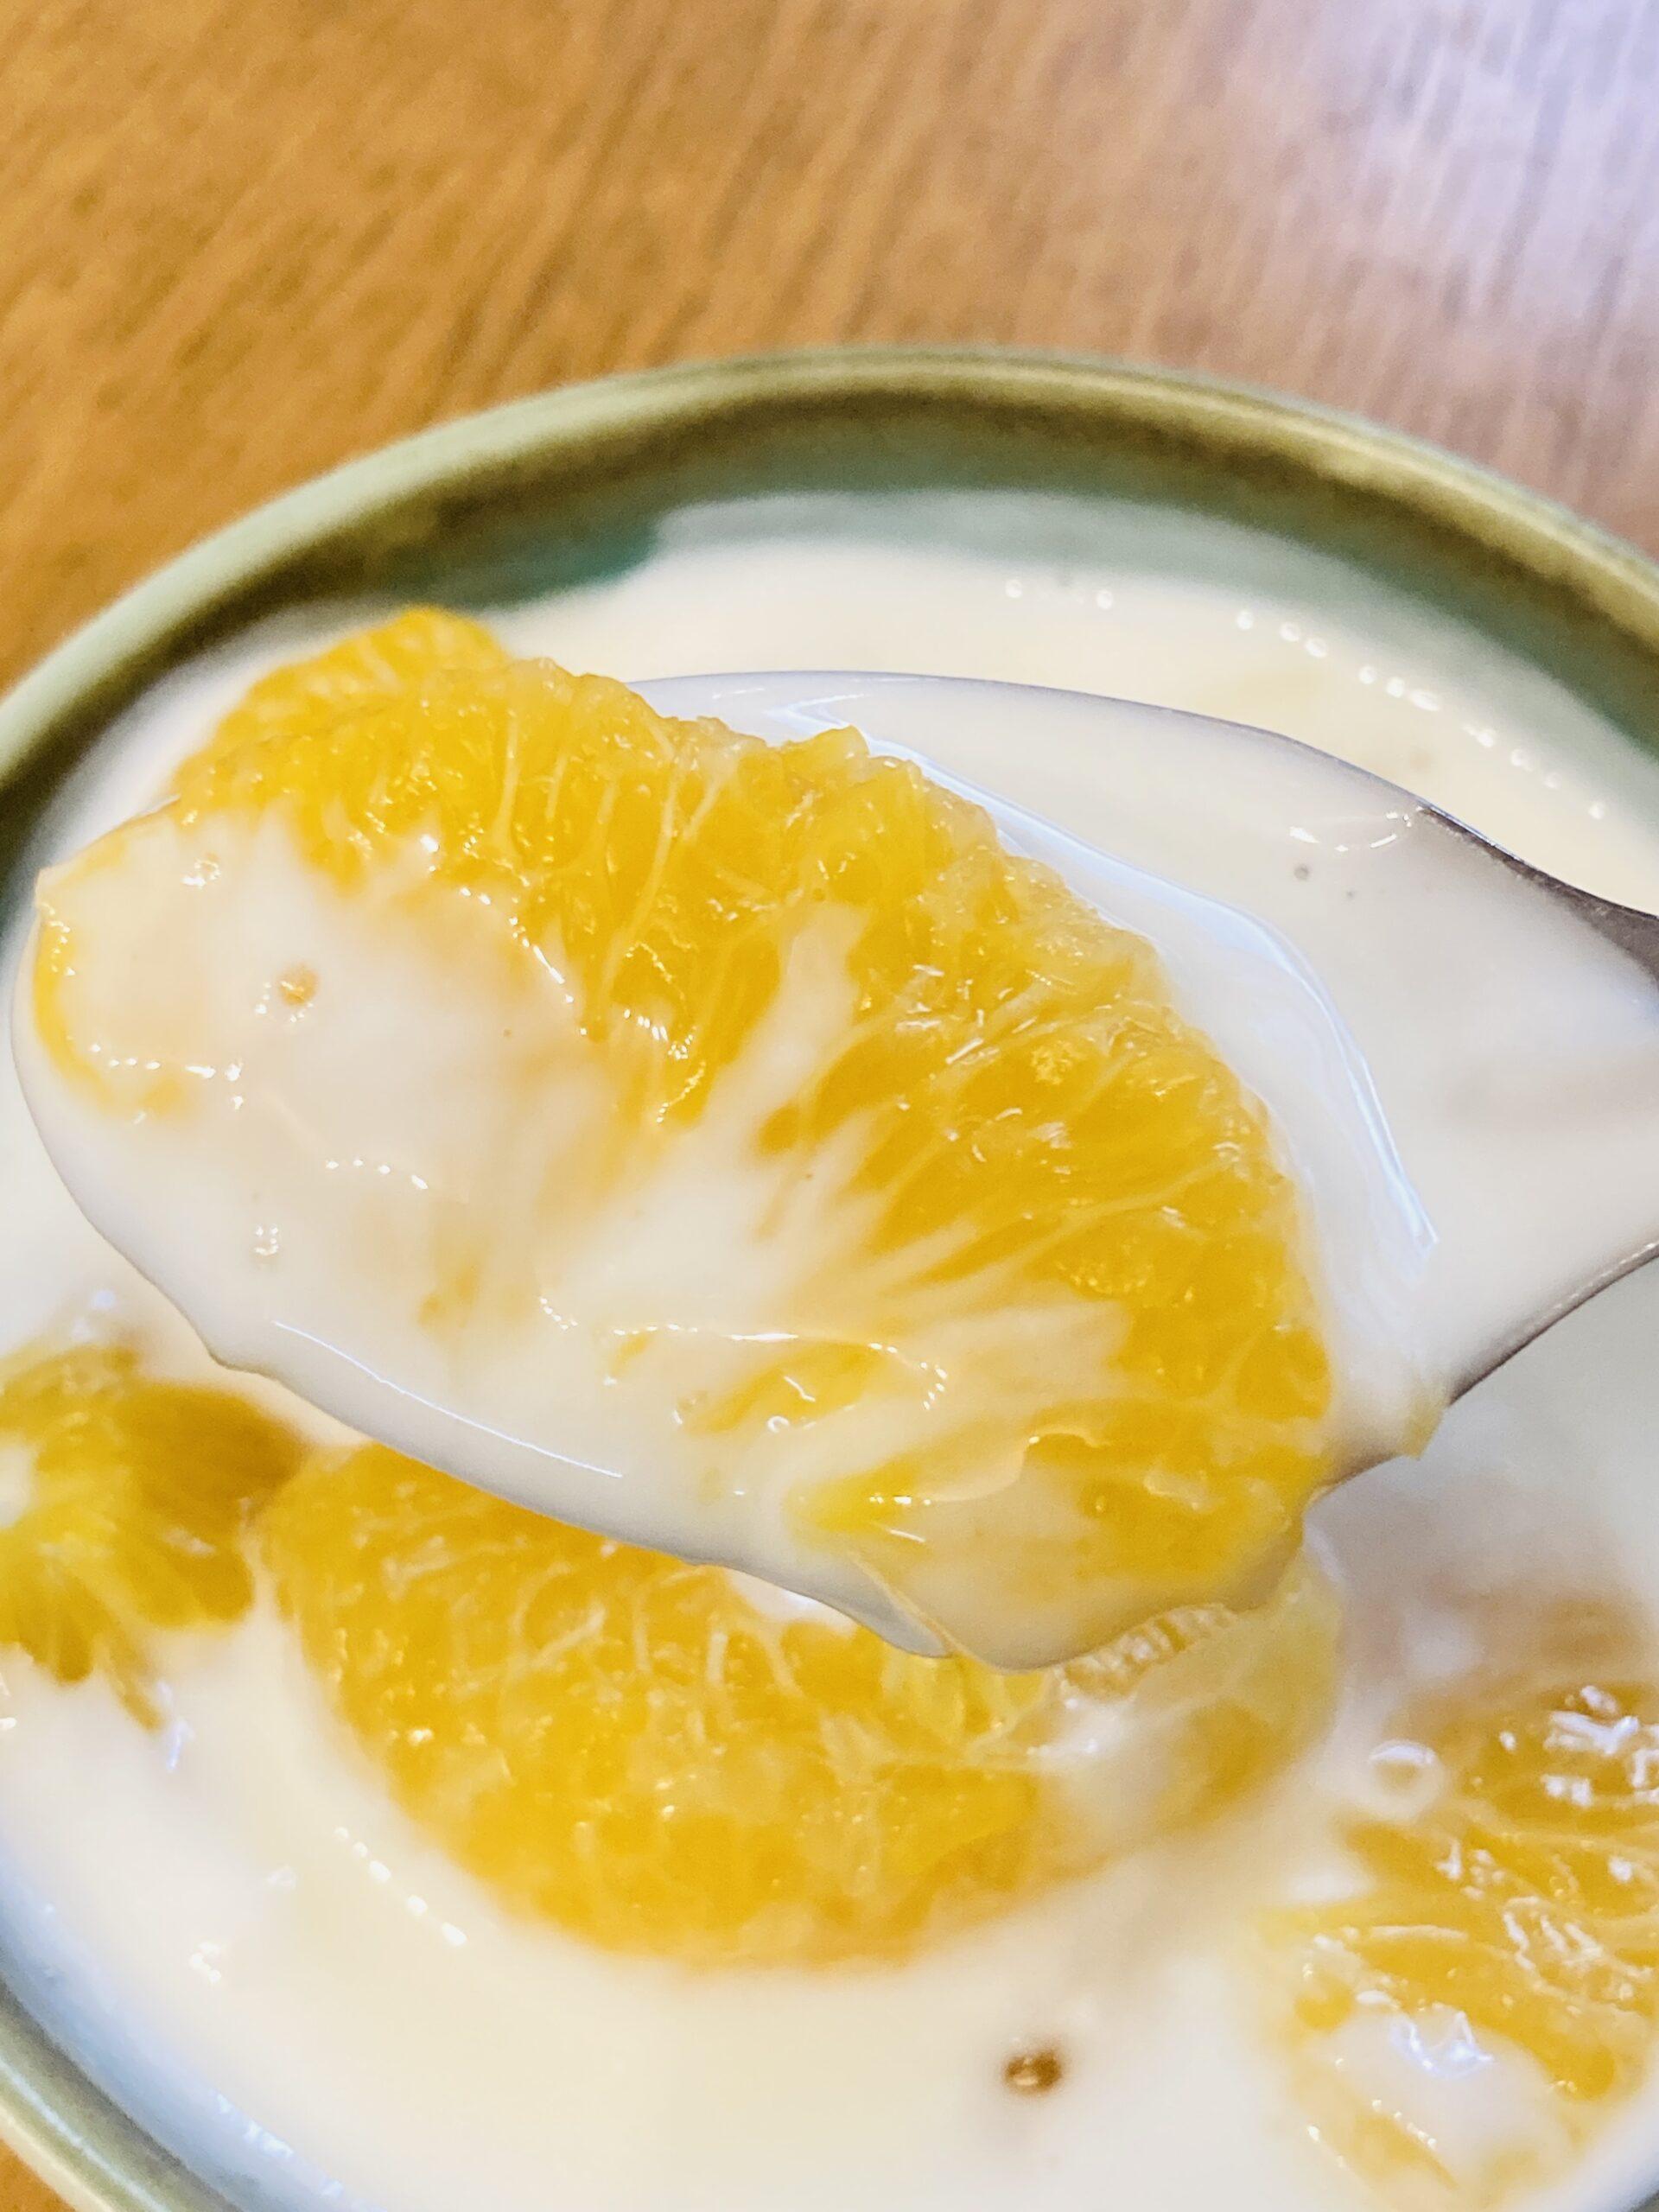 ヨーグルトに甘夏シロップ漬けをトッピングしても美味しいです。 写真はヨーグルト100gに甘夏シロップ100gです。